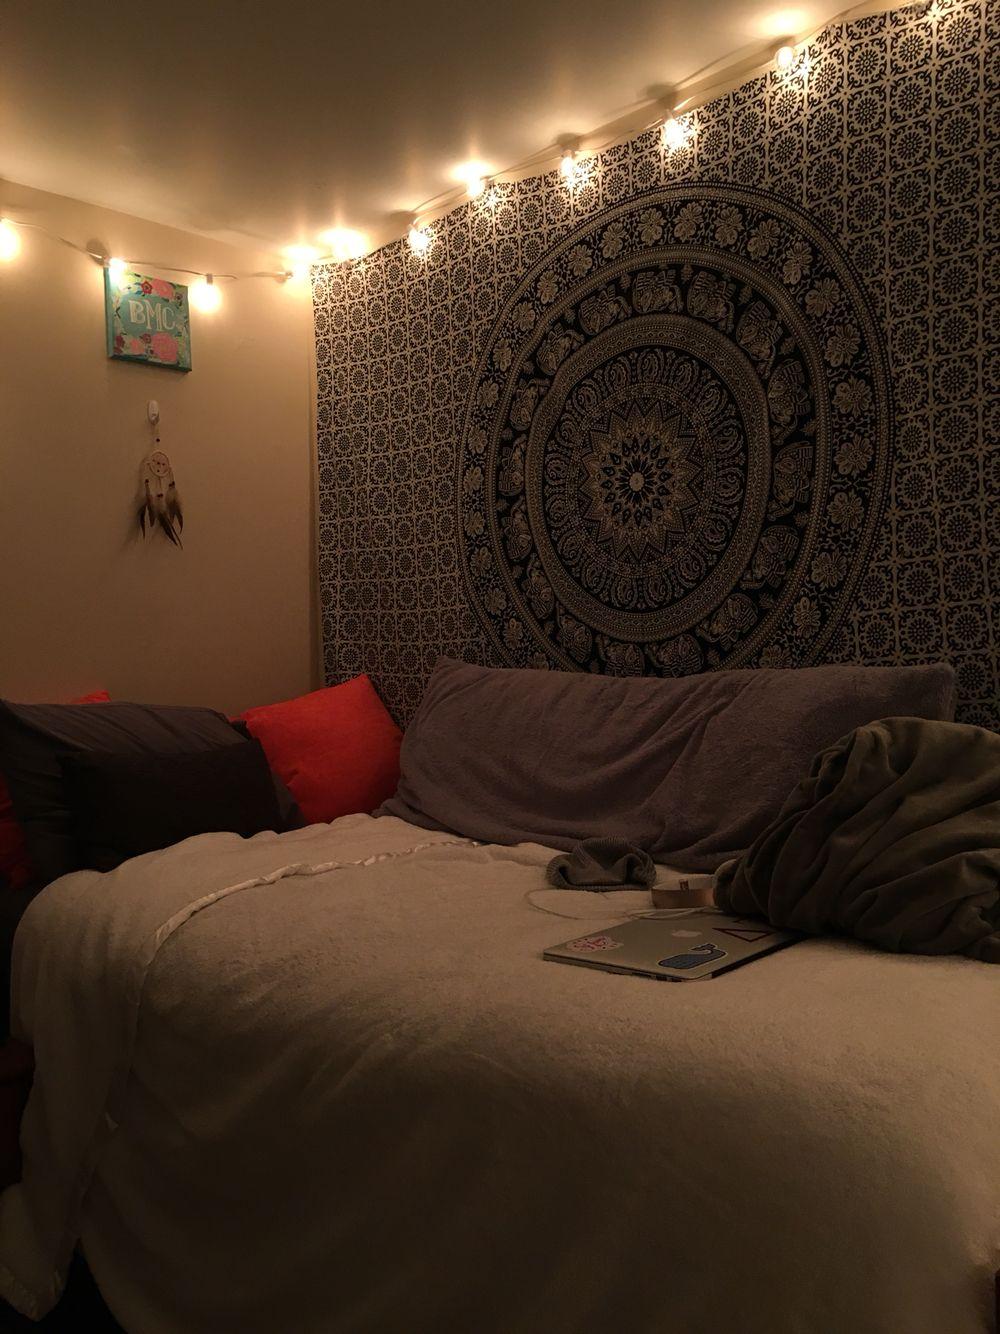 Hipster Tapestry Aesthetic Light Dorm Room Room Dorm Room Home